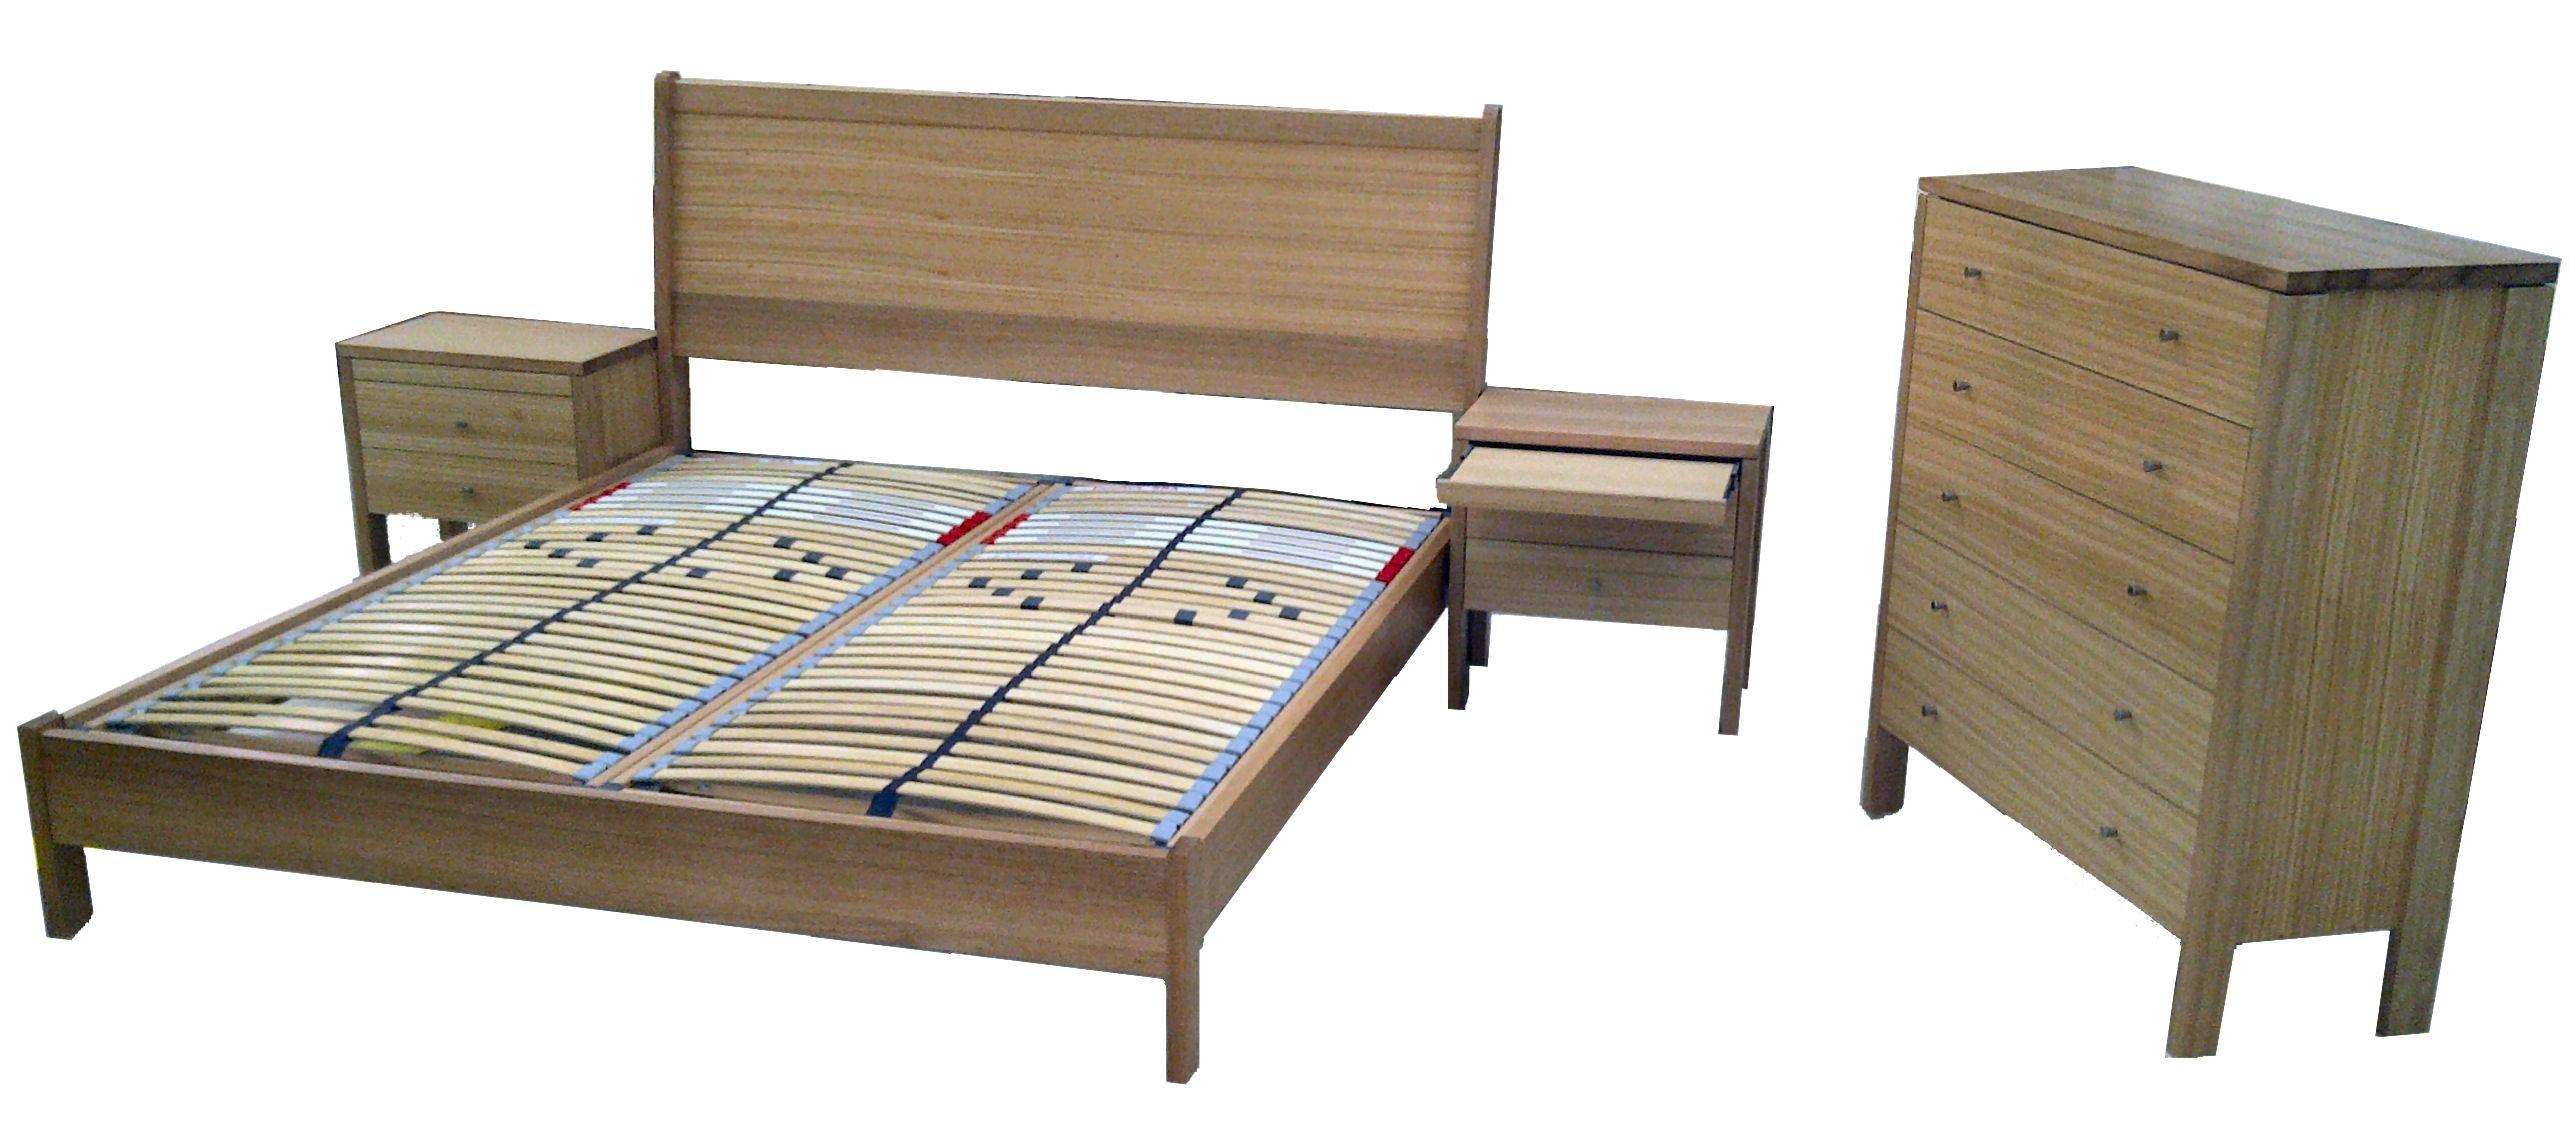 Kurv Bed Frame Supercraft Bedding